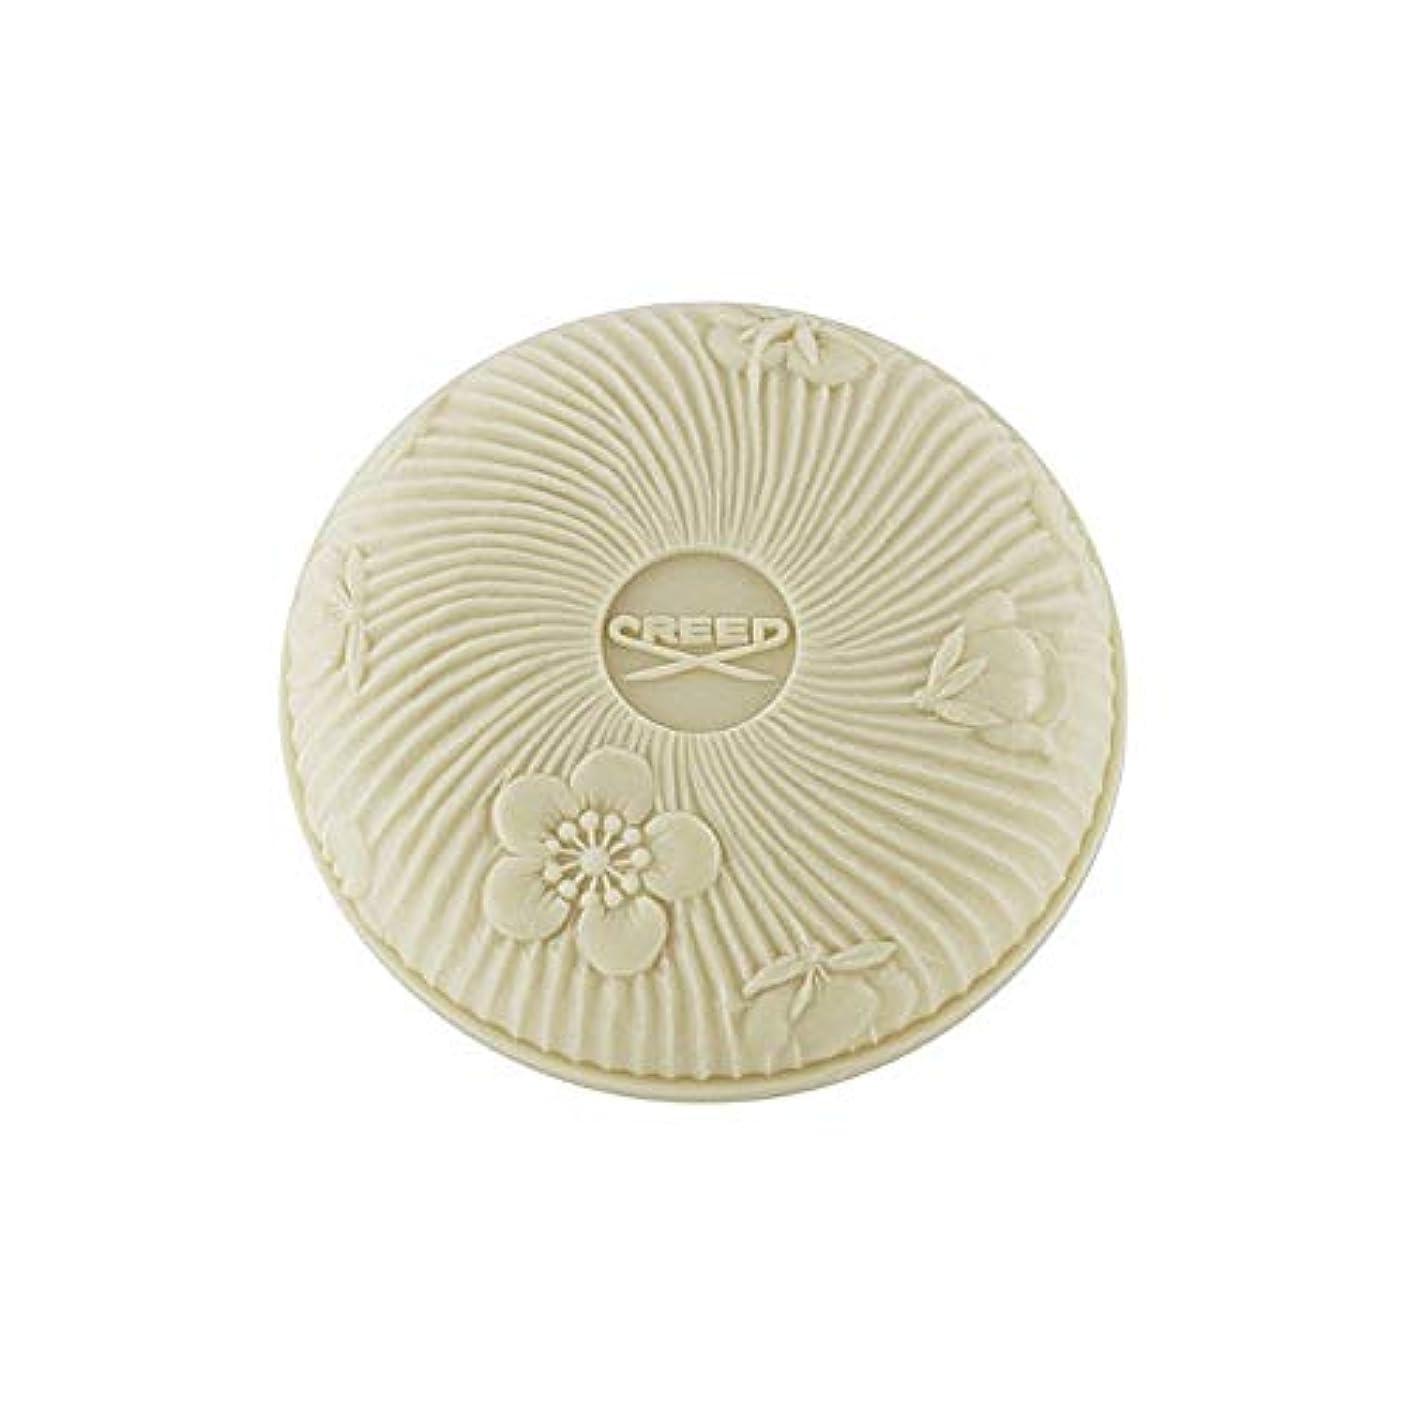 オデュッセウスアンペア腐敗した[Creed ] 白い石鹸150グラムで信条愛 - Creed Love In White Soap 150G [並行輸入品]